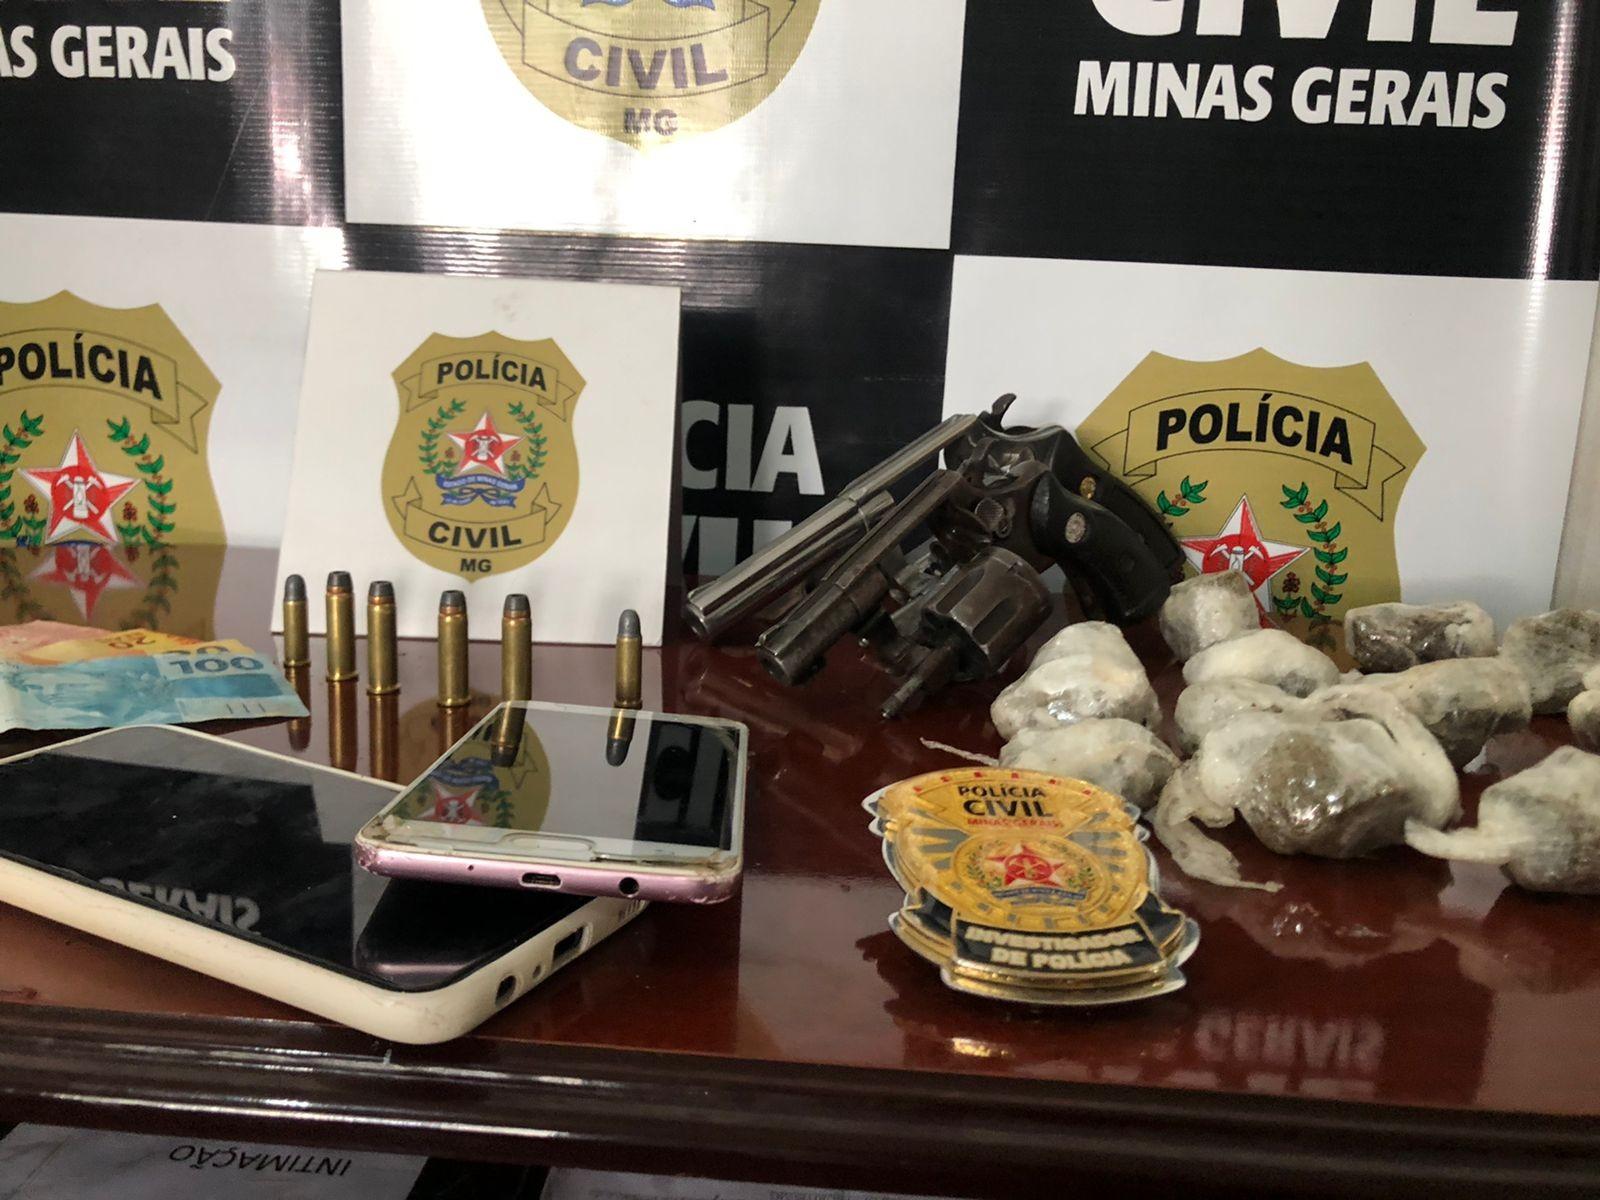 Seis pessoas são presas em operação de combate ao tráfico de drogas em Buritis